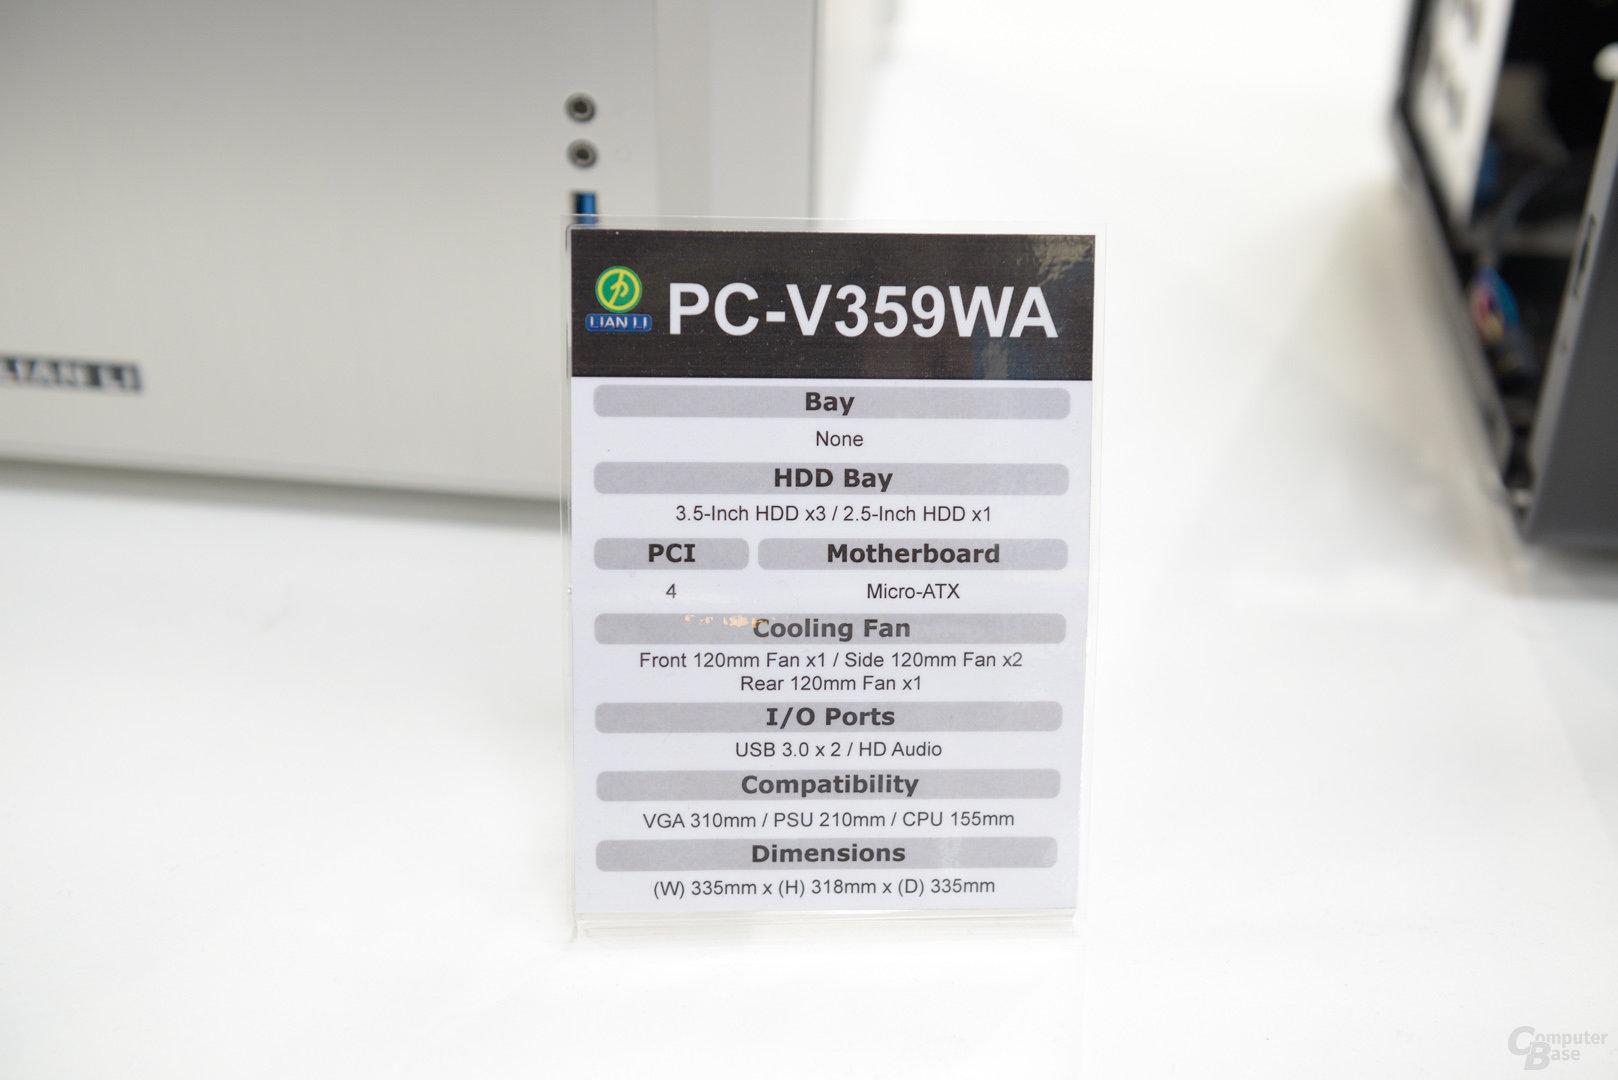 PC-V359WA